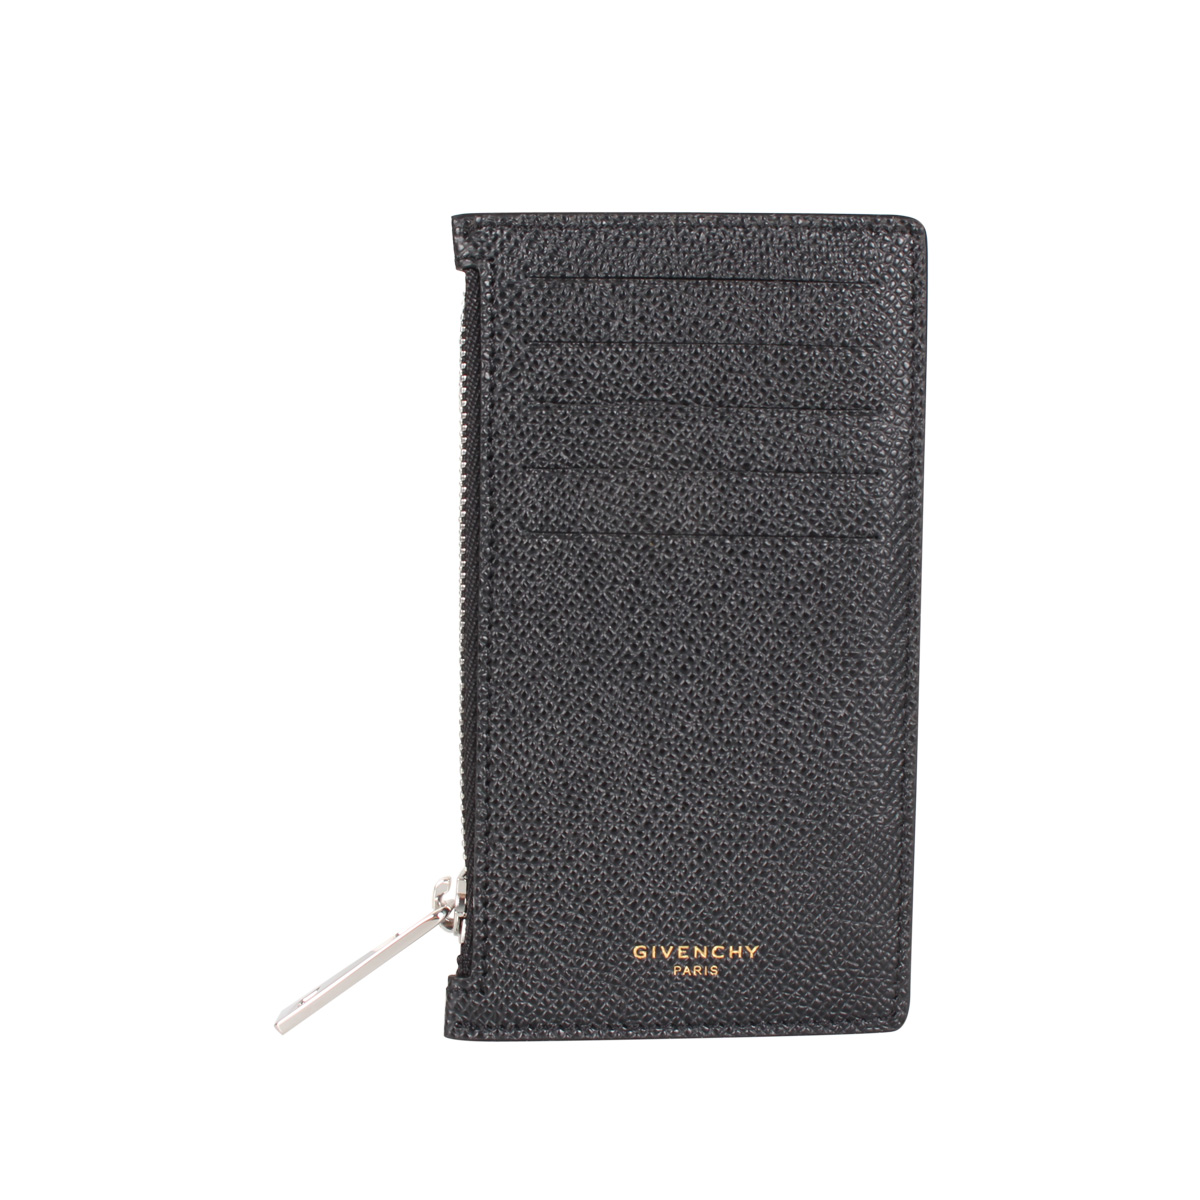 GIVENCHY CARD HOLDER ジバンシィ カードケース 小銭入れ 定期入れ ID メンズ ブラック 黒 BK6001